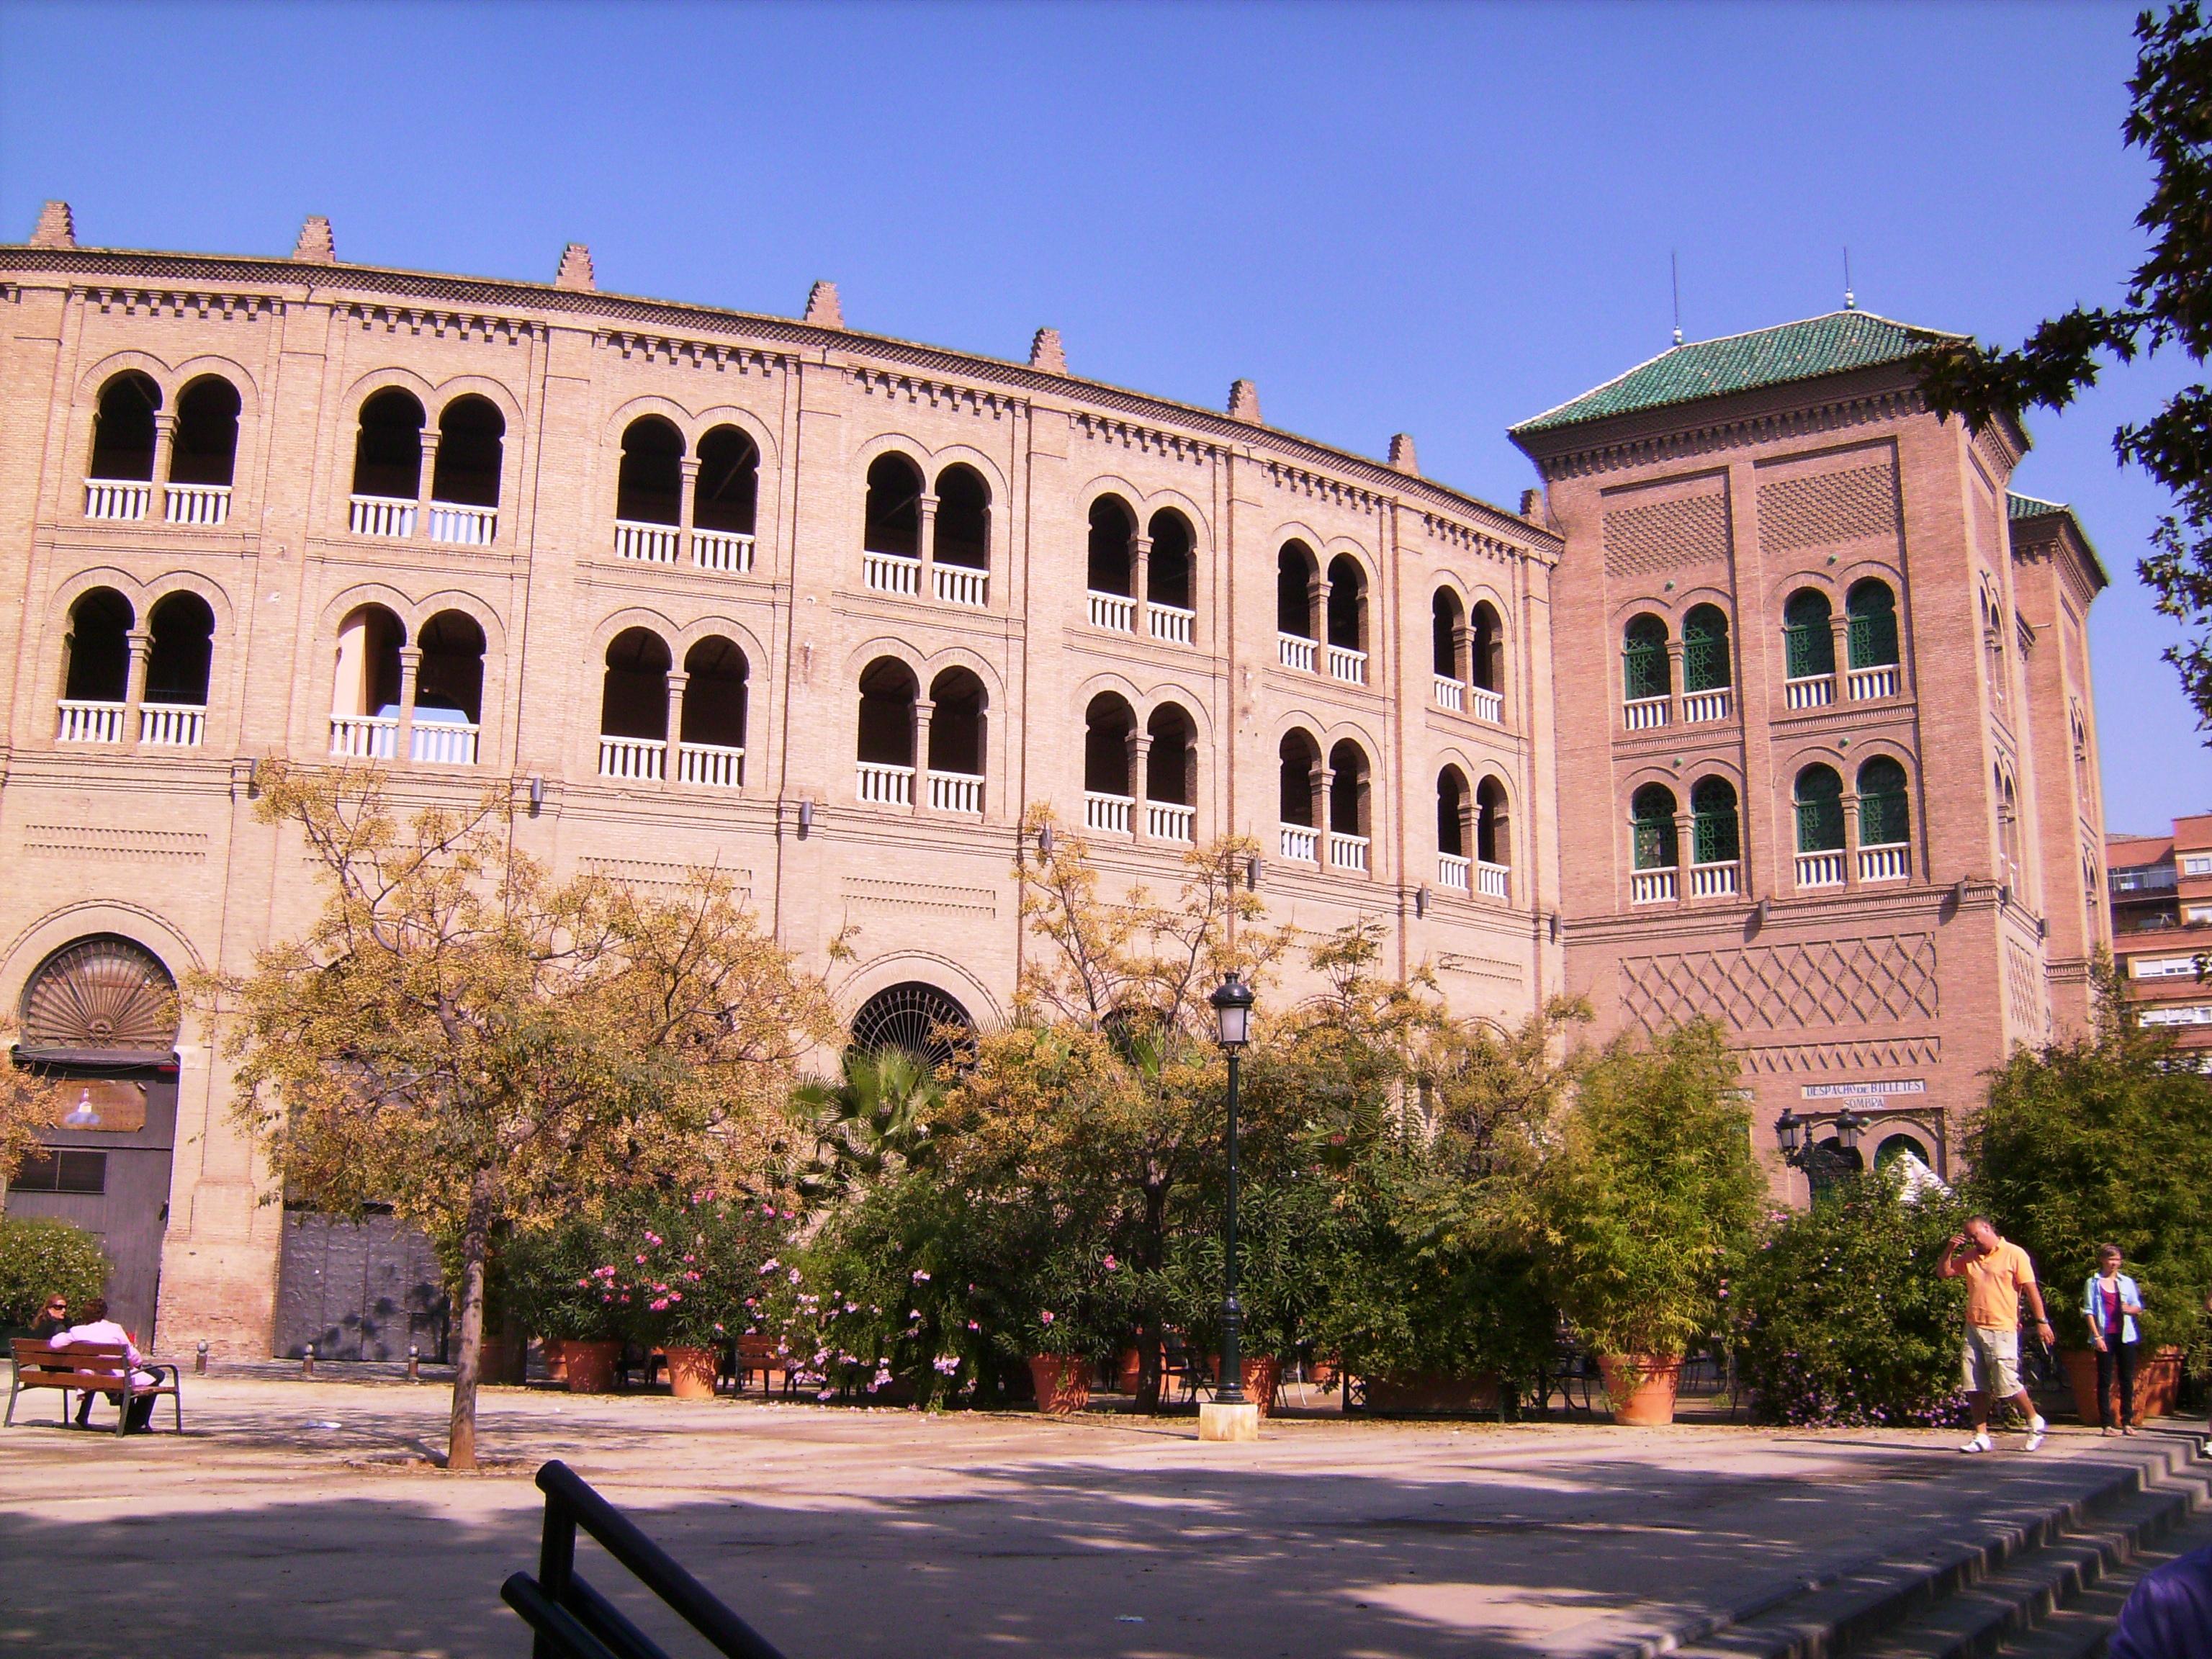 Még távolabb, az állomáson túl minden spanyol város jellegzetessége, az Aréna*. <br />* https://hu.wikipedia.org/wiki/Bikaviadal<br />